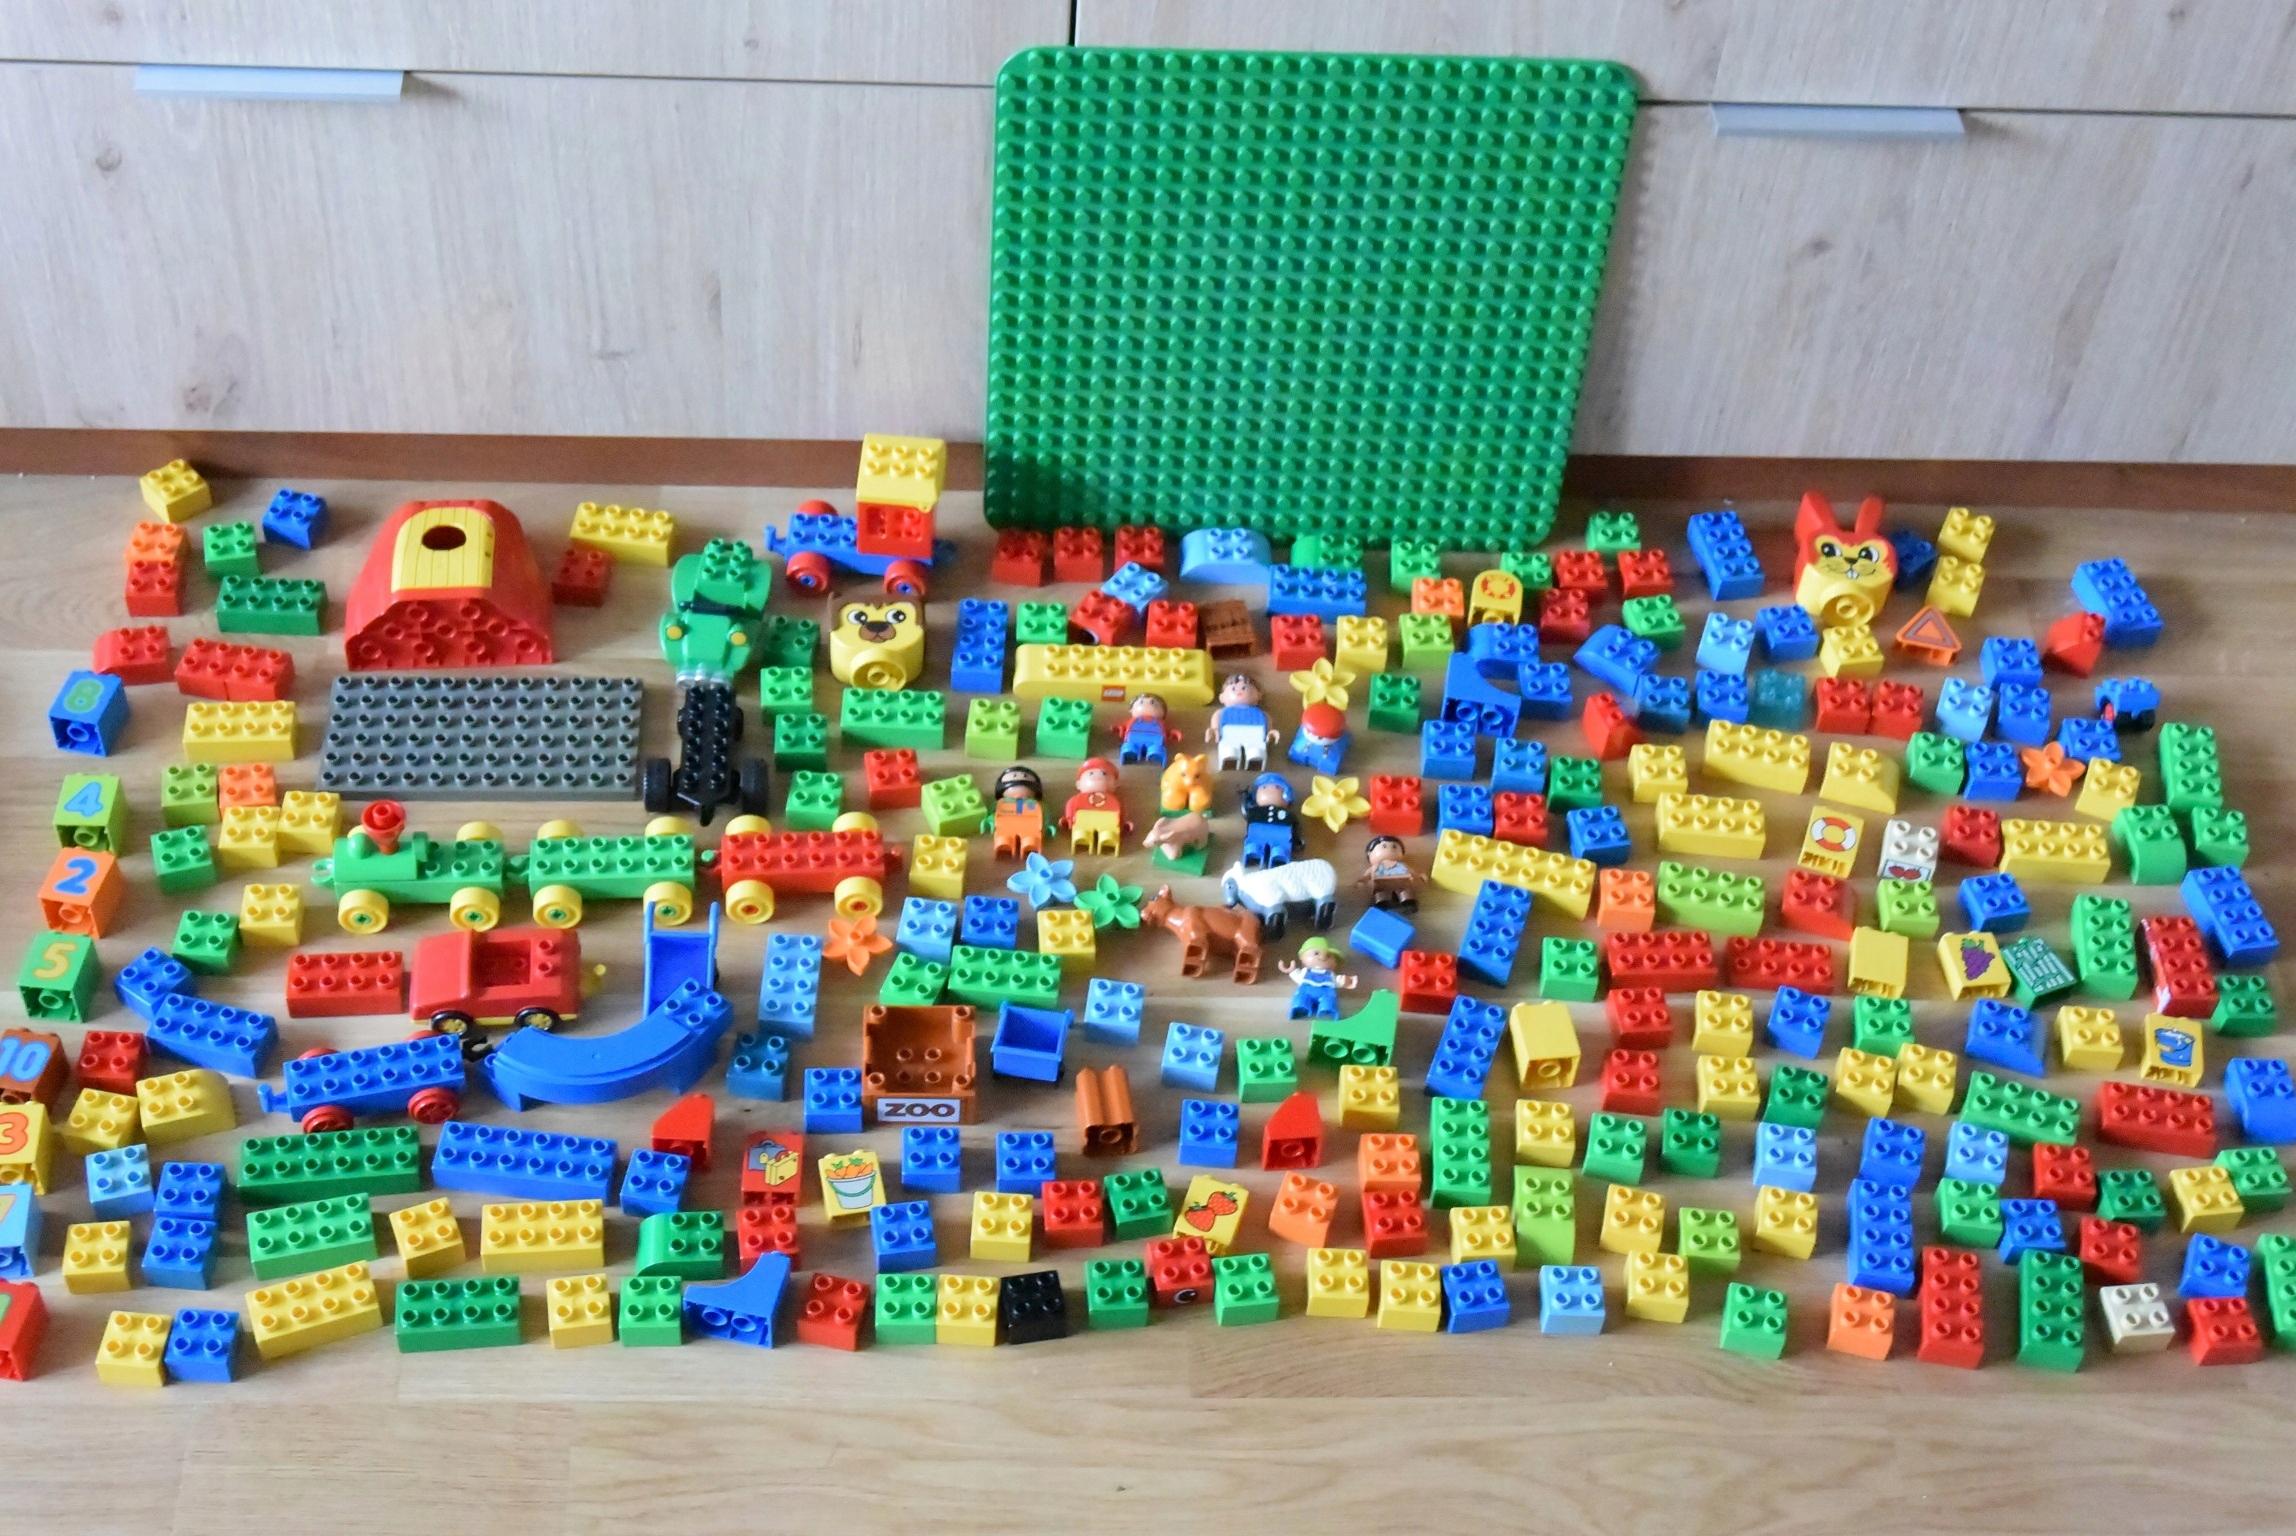 Klocki Lego Duplo Mega Zestaw Płytka Klocki Ludzik 7515465273